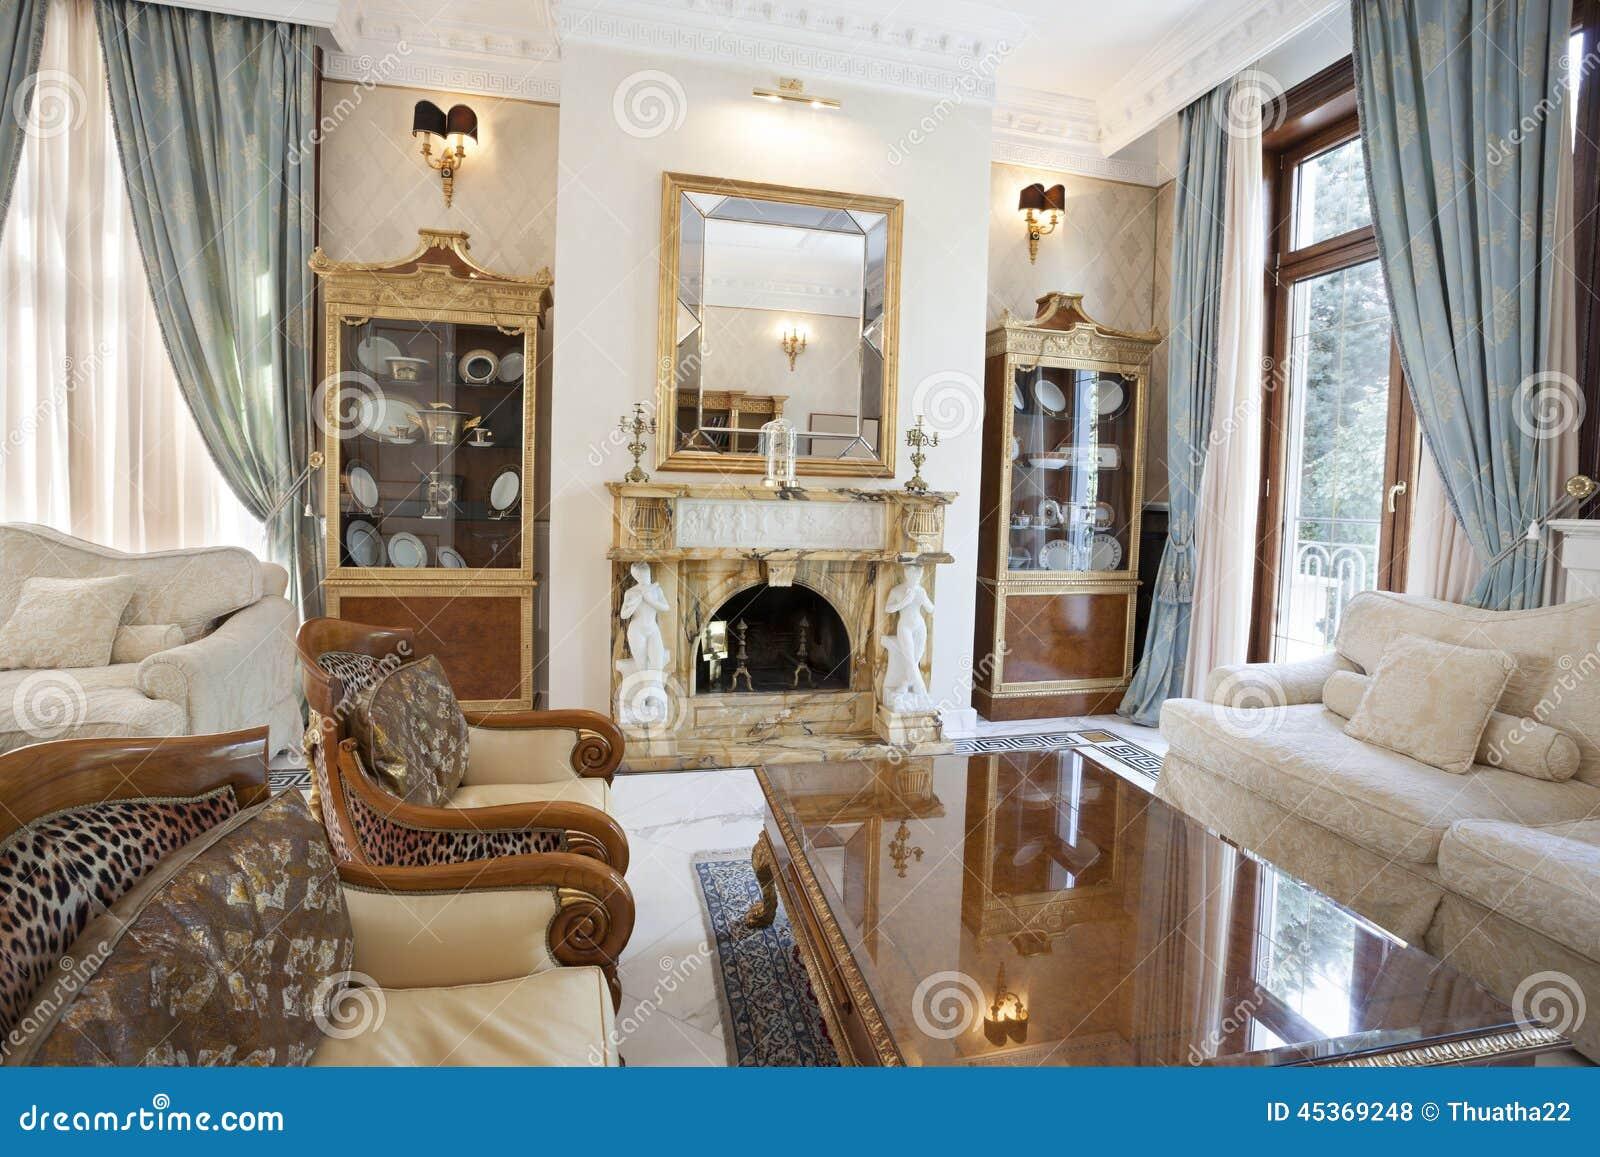 Innenraum eines wohnzimmers mit kamin im luxuslandhaus for Case lussuose interni